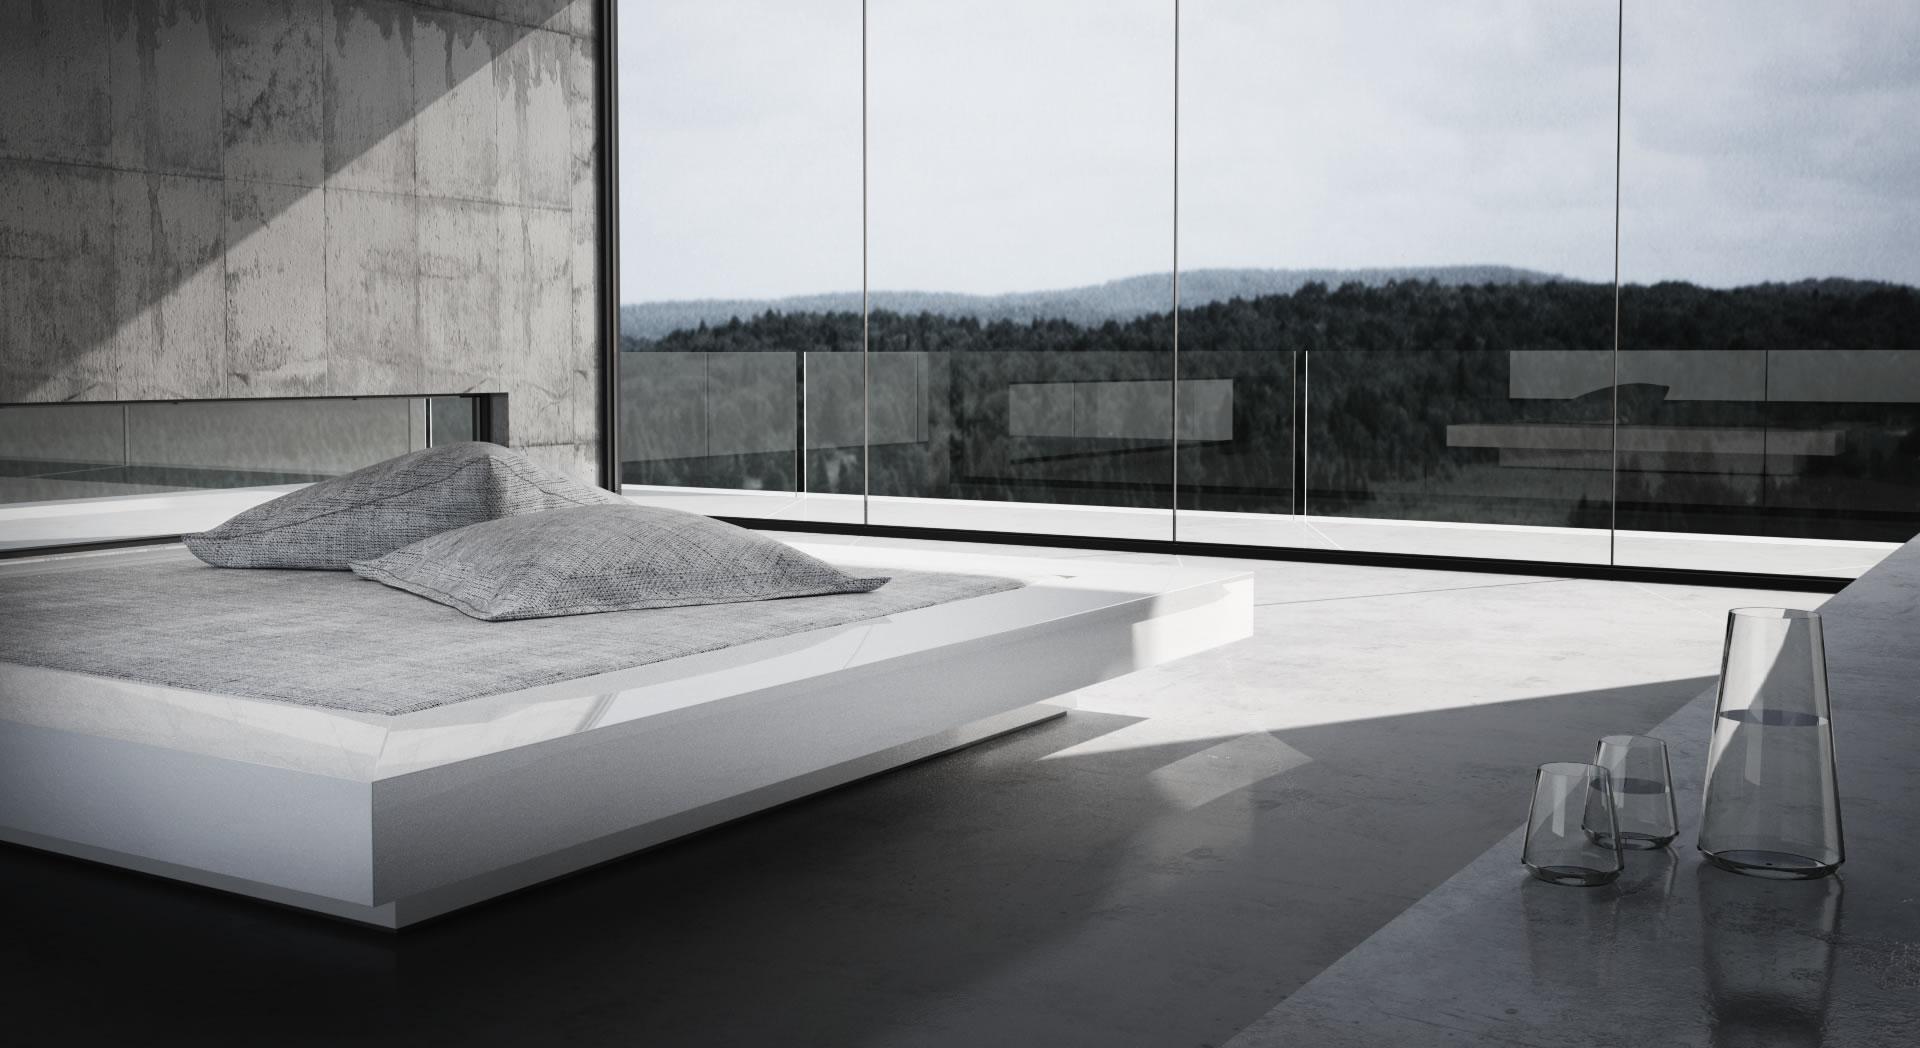 bett visum wei es puristisches design bett von rechteck. Black Bedroom Furniture Sets. Home Design Ideas